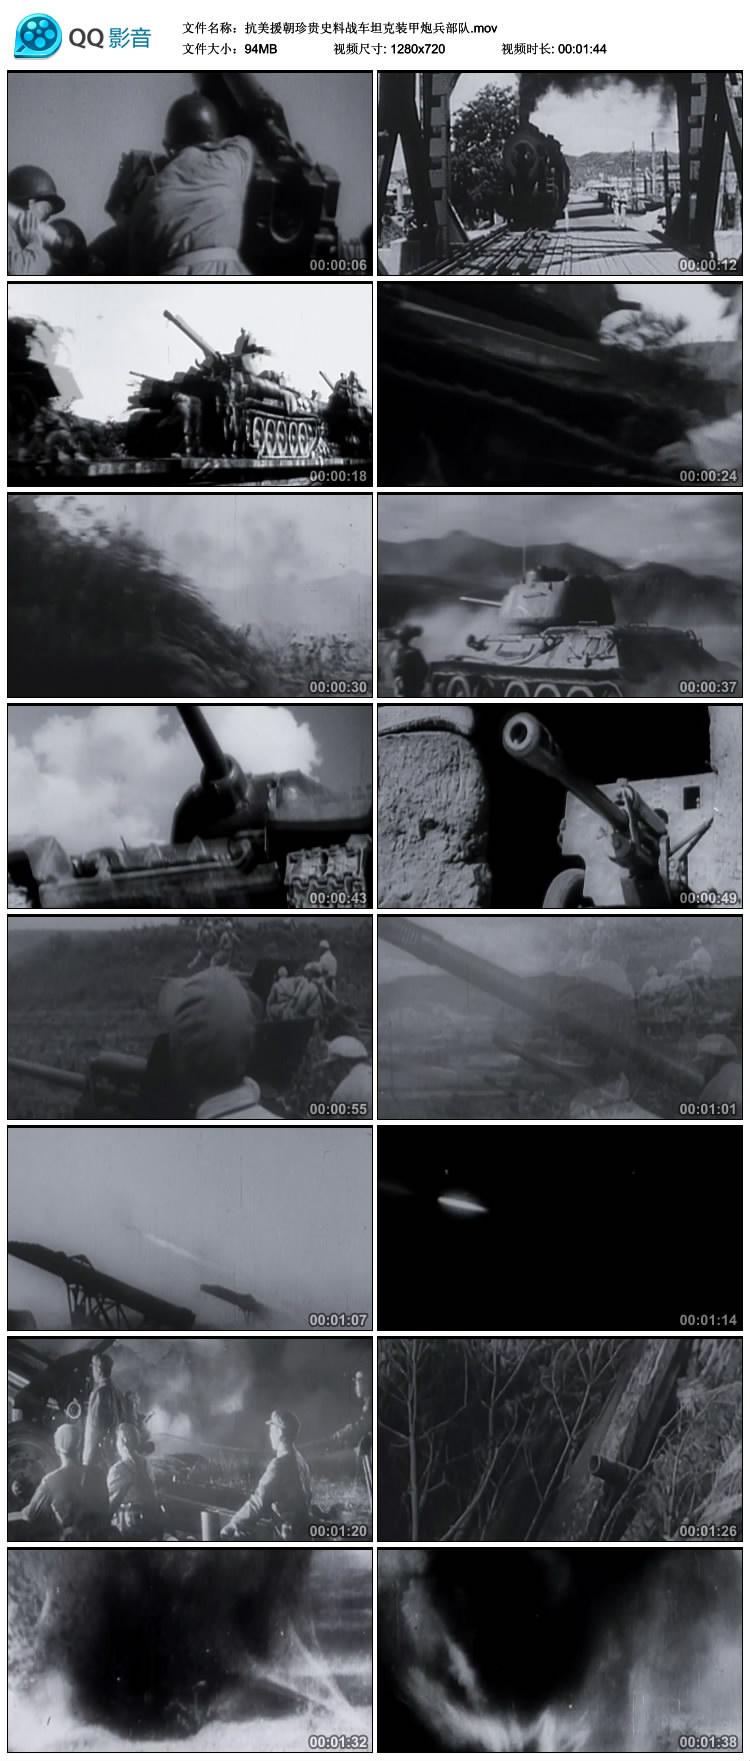 抗美援朝珍贵史料战车坦克装甲炮兵部队影视资料中国实拍视频素材